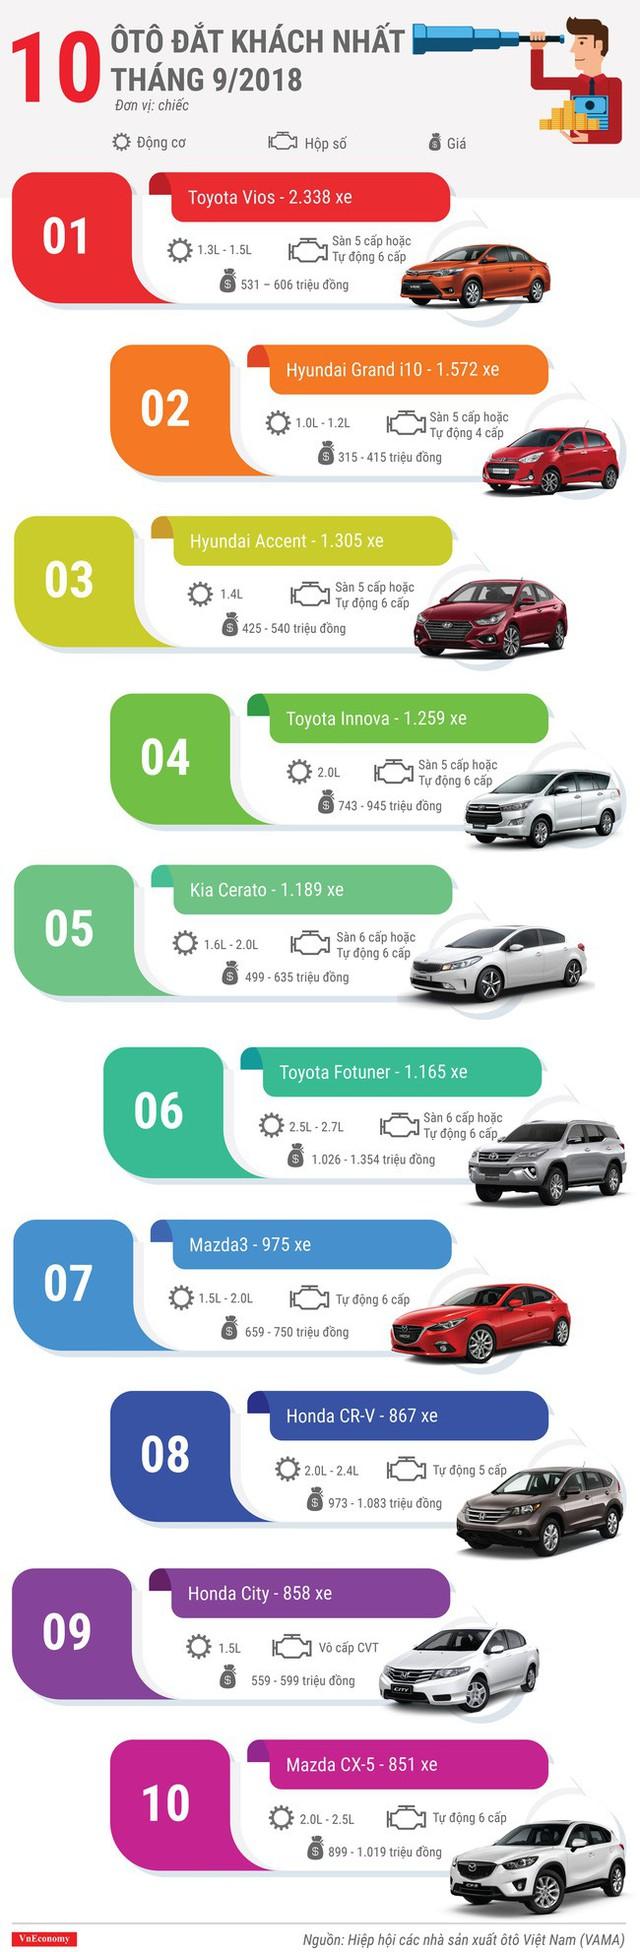 10 ôtô đắt khách nhất tháng 9/2018 - Ảnh 1.